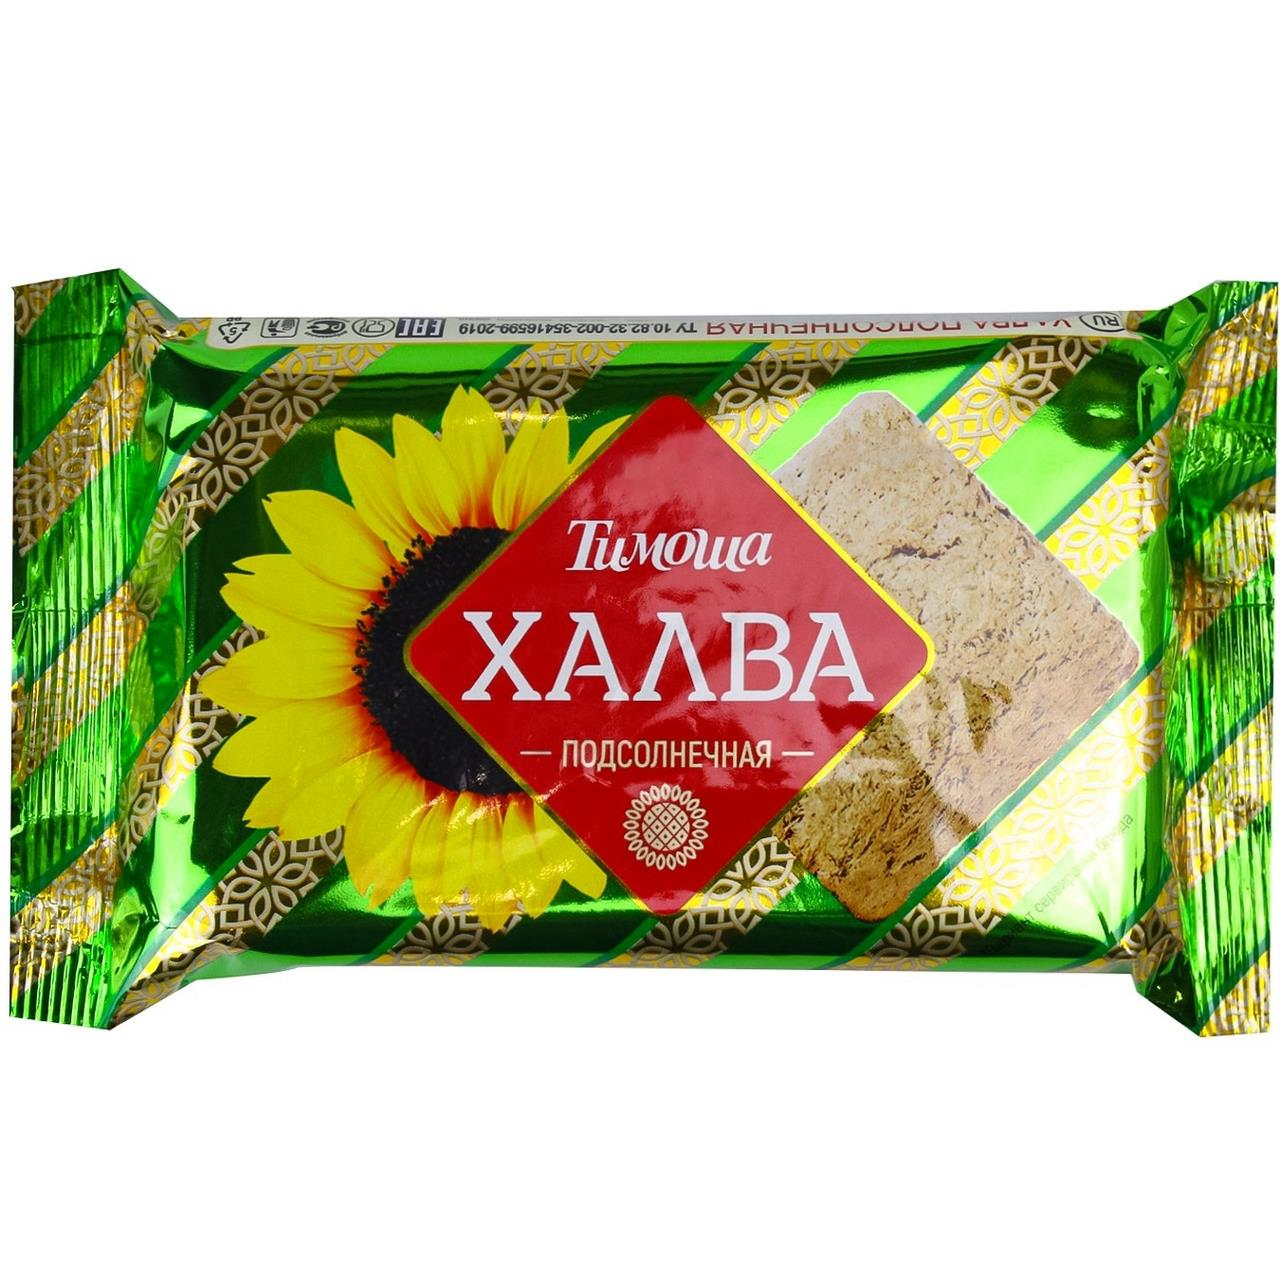 Халва ТИМОША подсолнечная, 250г